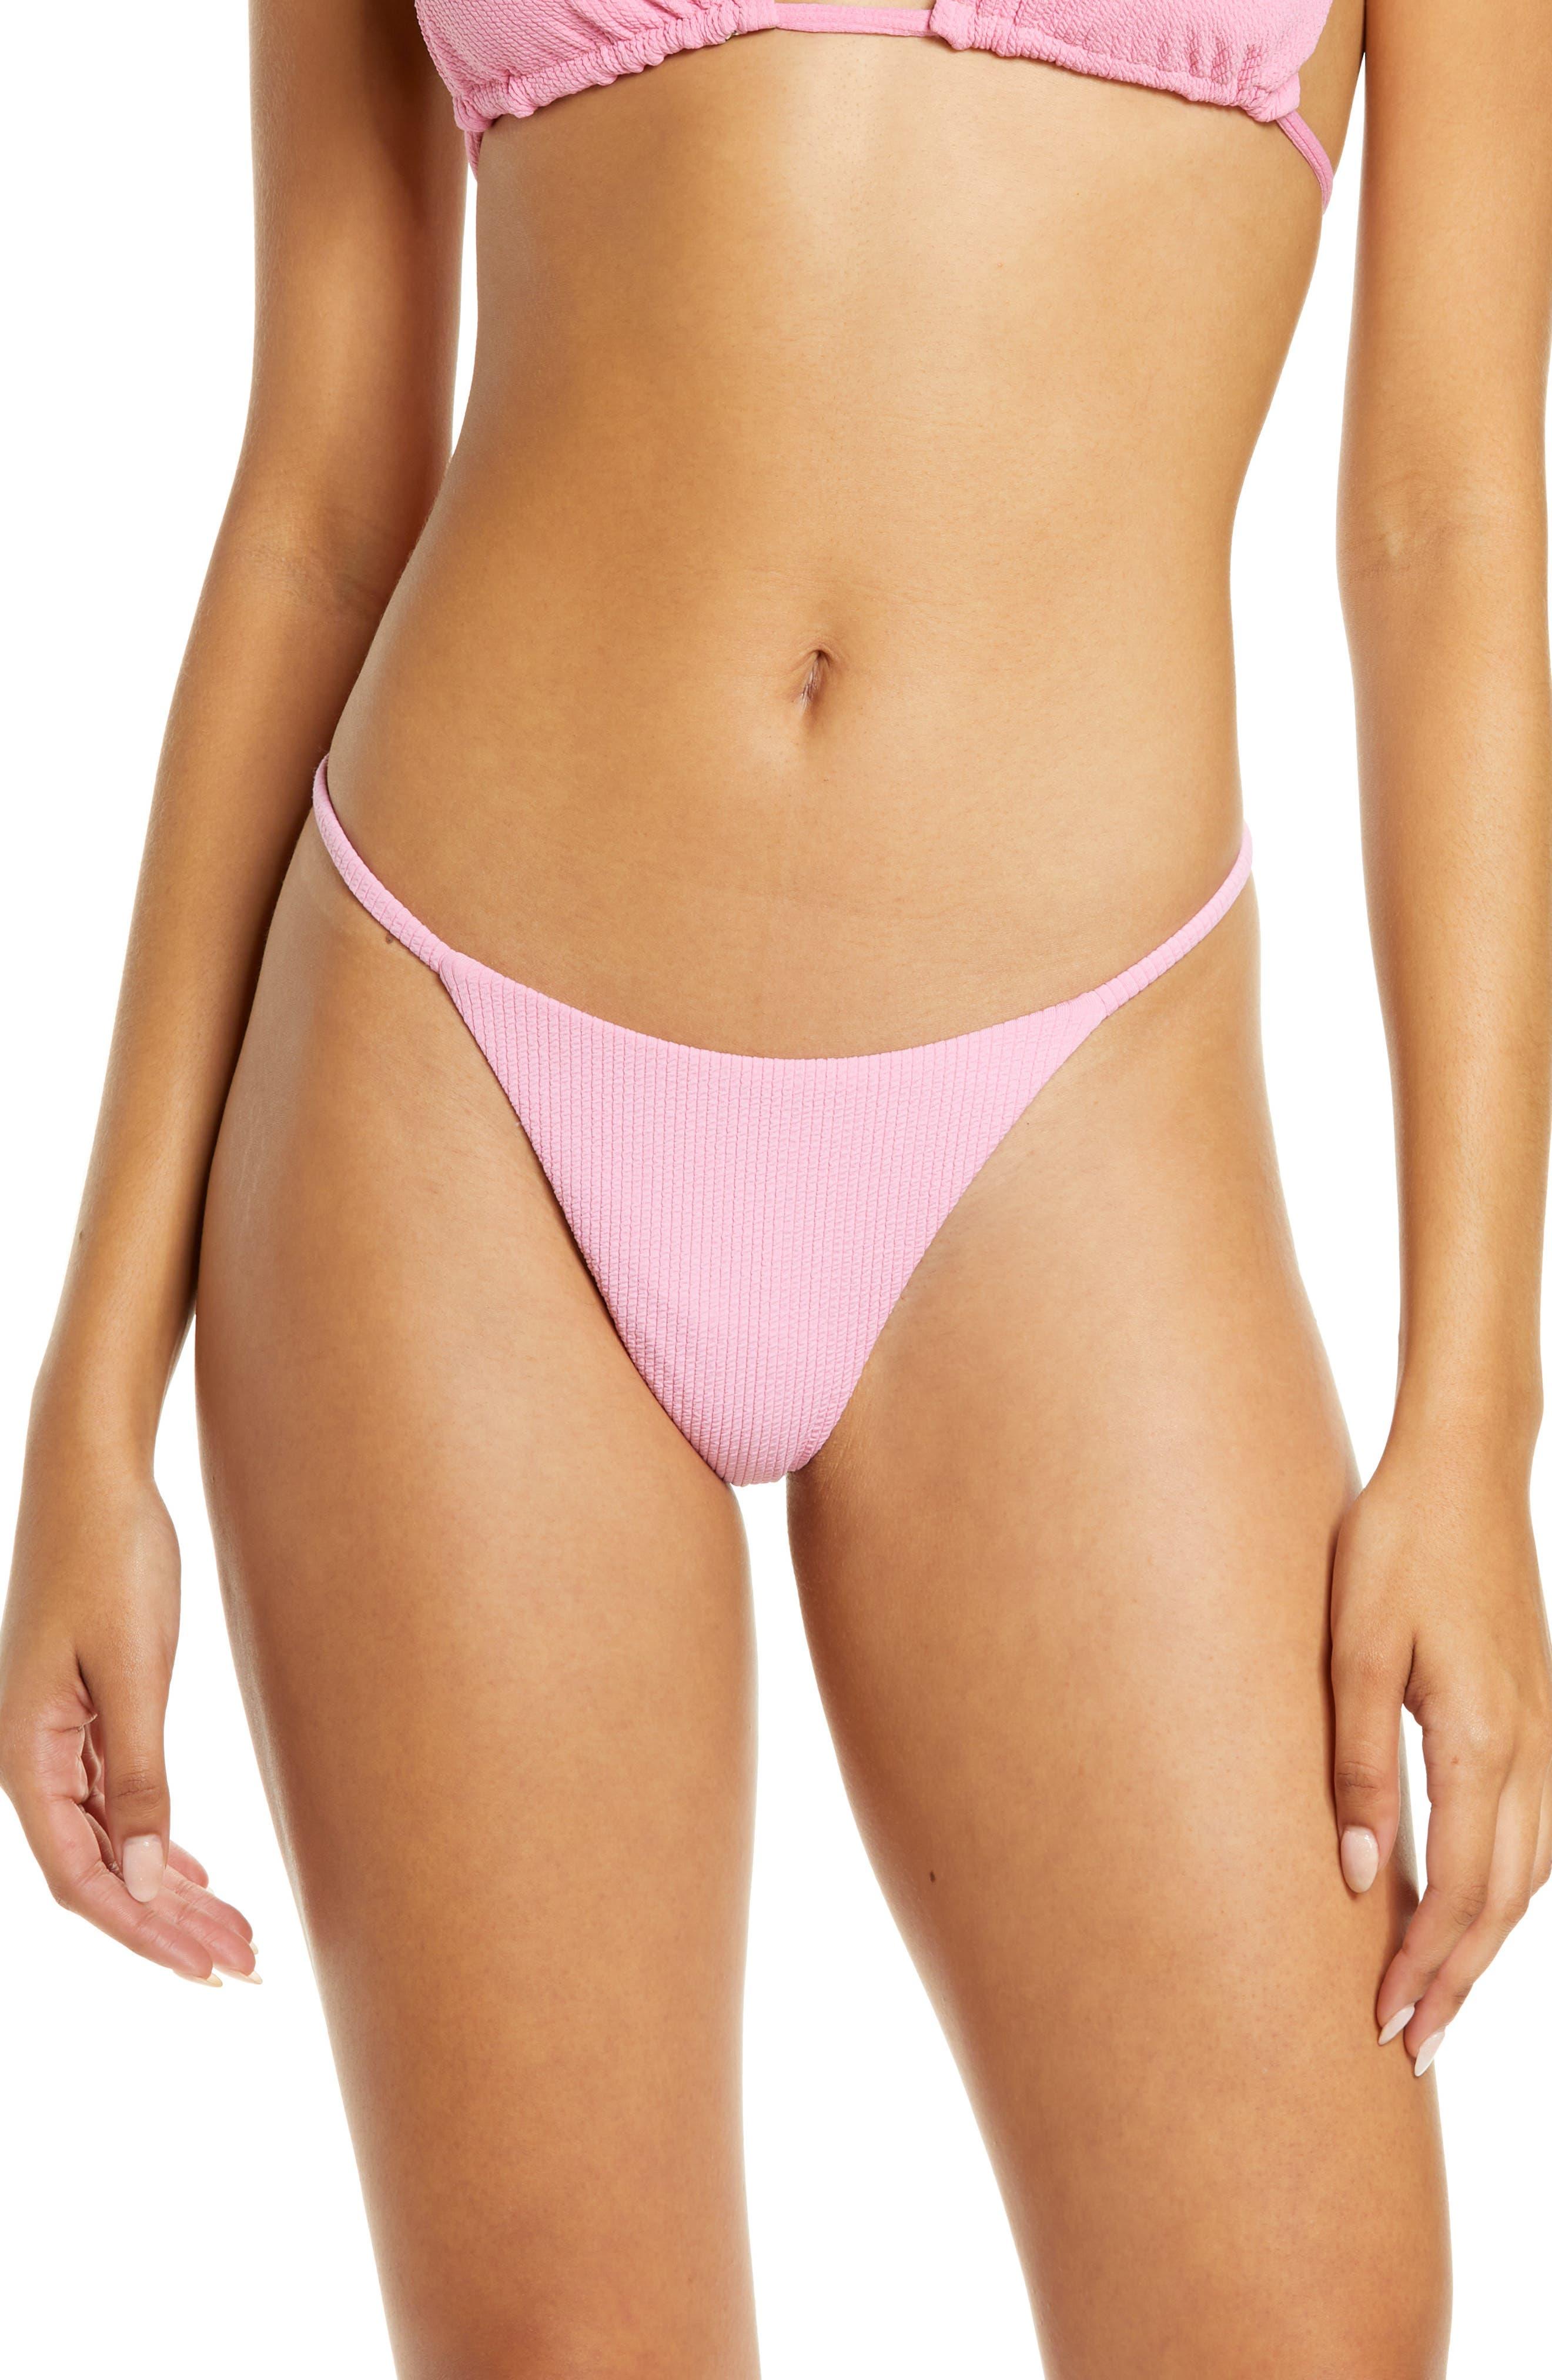 Rose Lemonade Micromini Reversible Bikini Bottoms